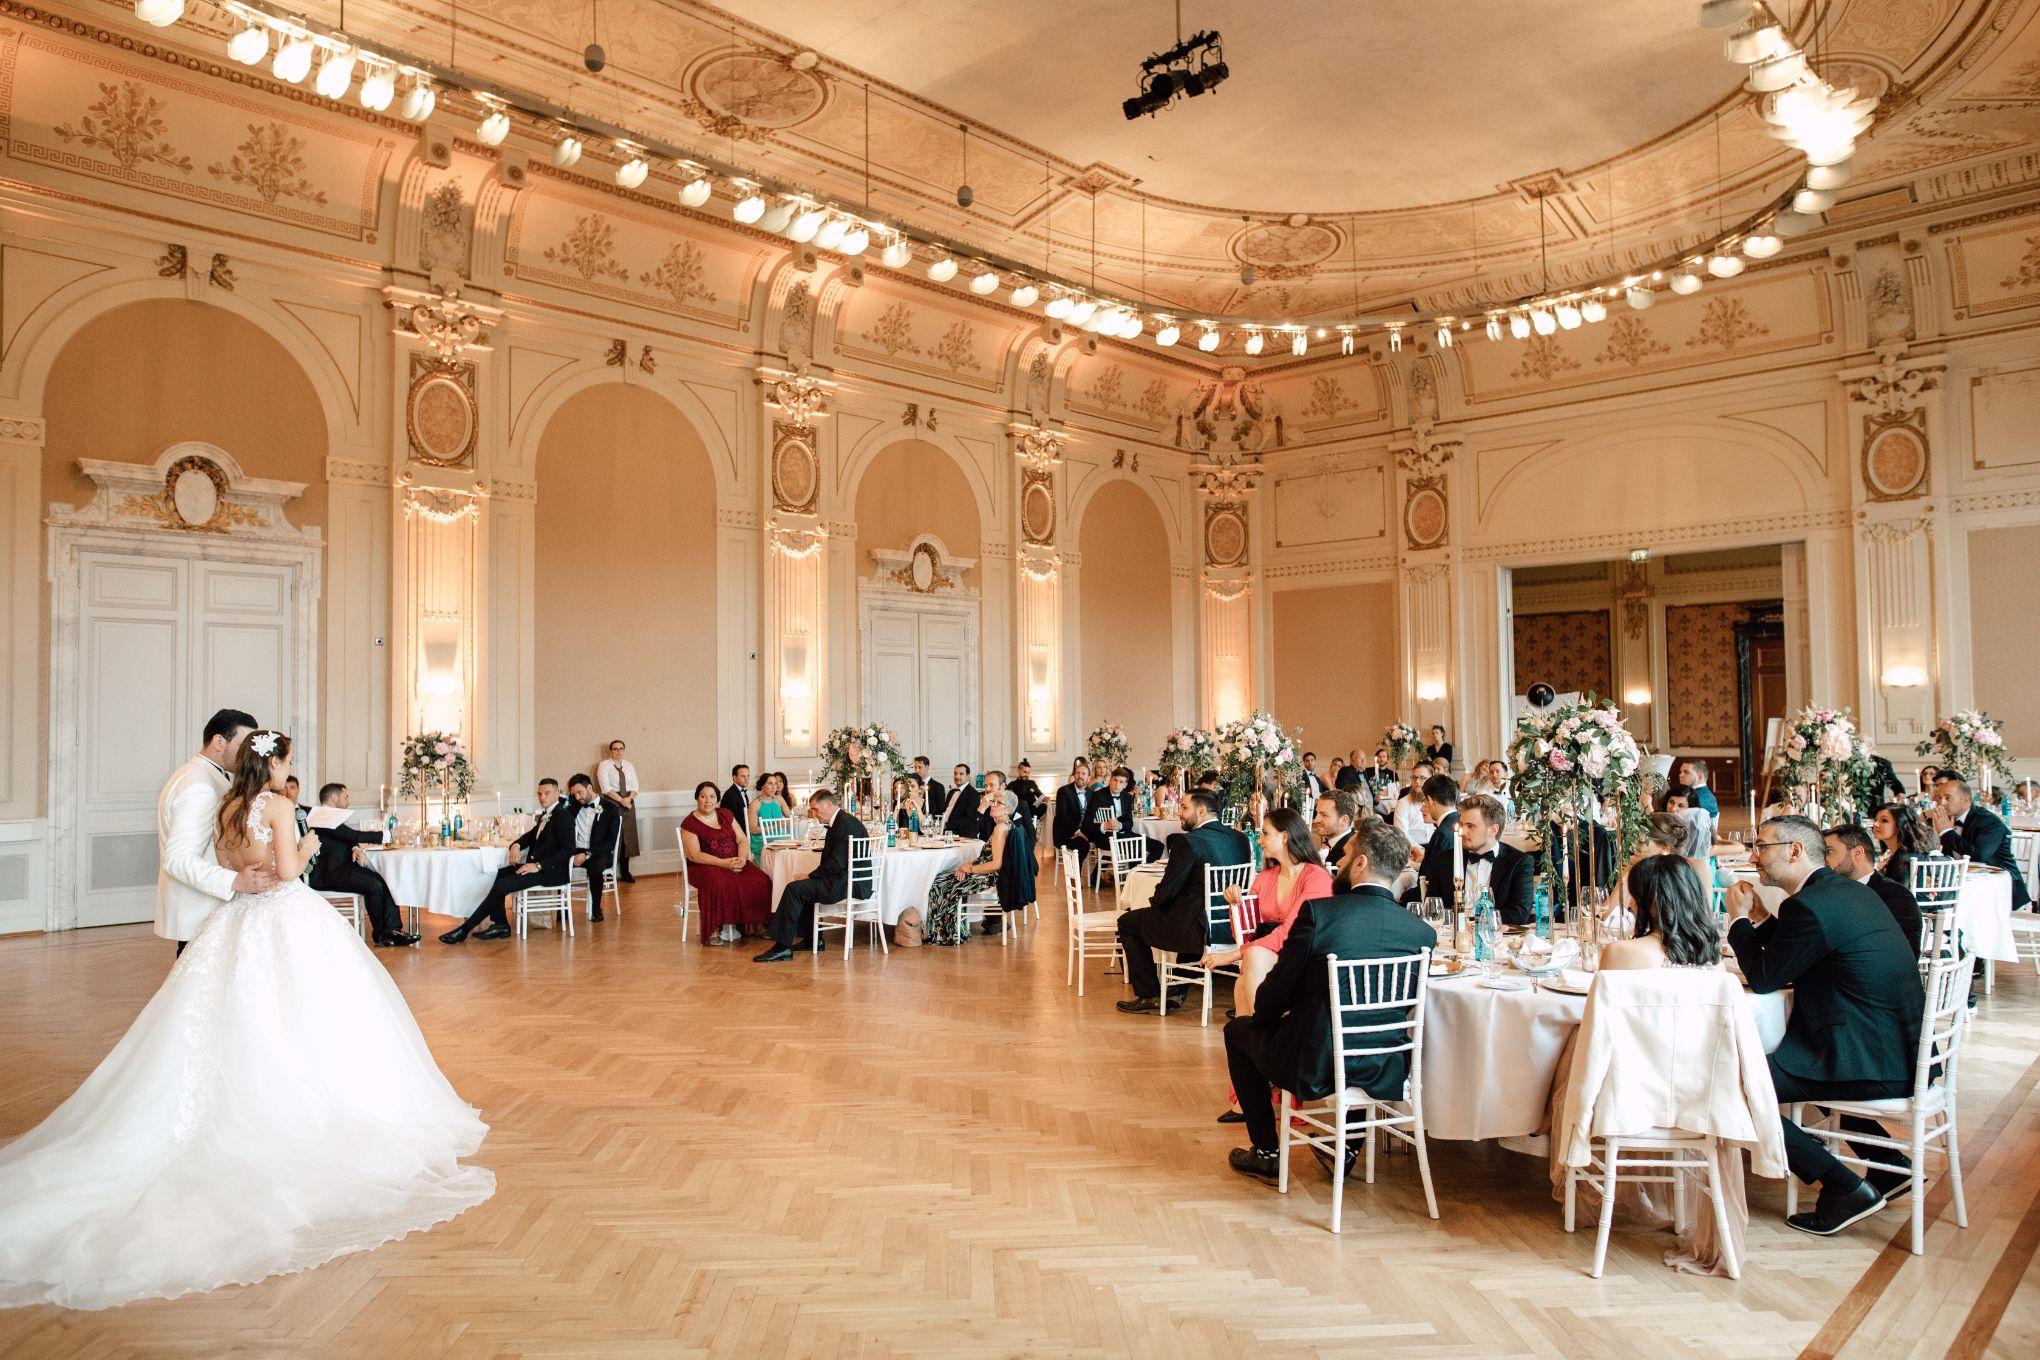 Historische-Stadthalle-Wuppertal-Hochzeit-The-Saums-KN-6-35.jpg